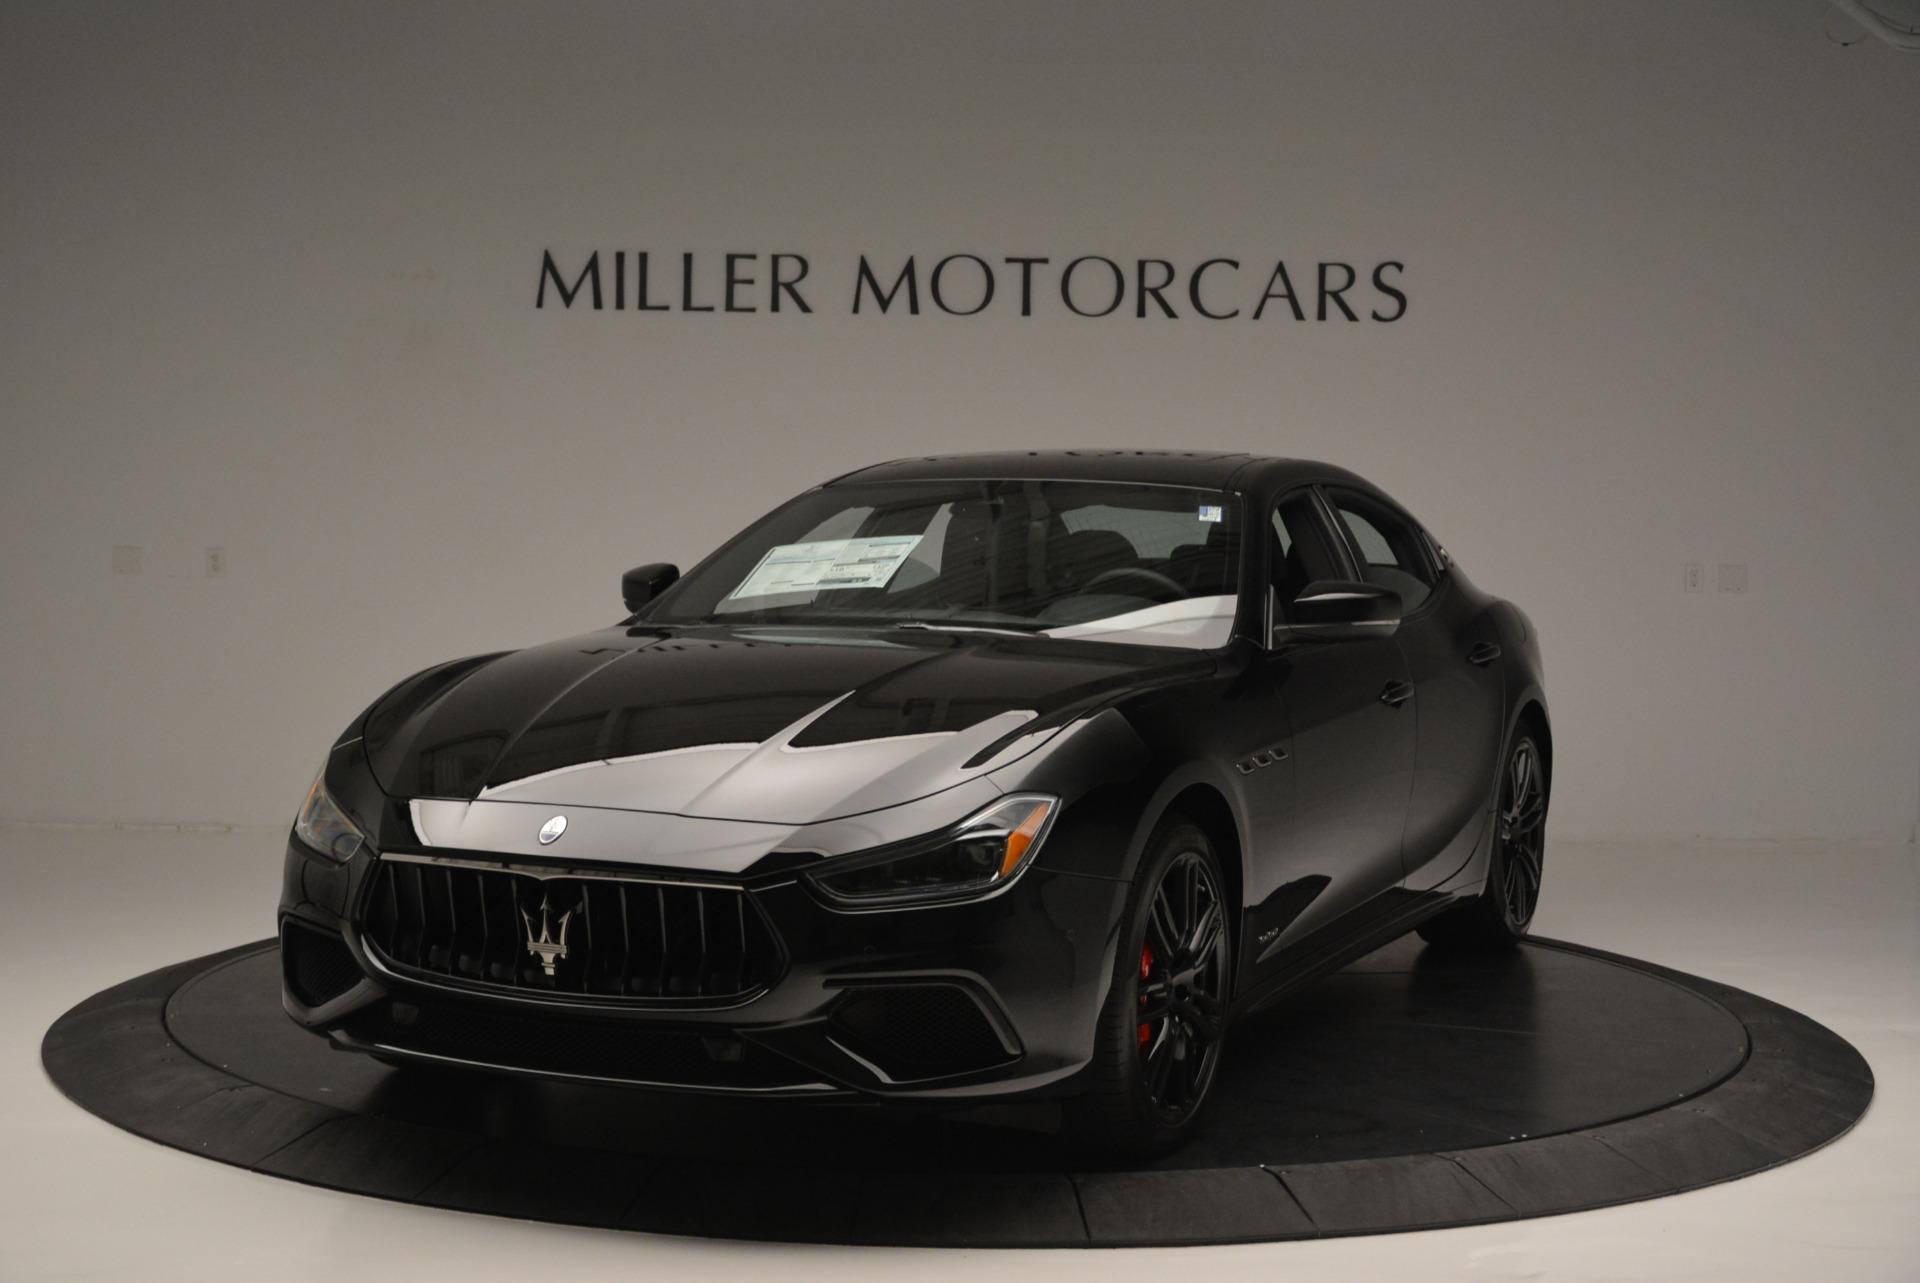 New 2018 Maserati Ghibli SQ4 GranSport Nerissimo For Sale In Greenwich, CT 2366_main